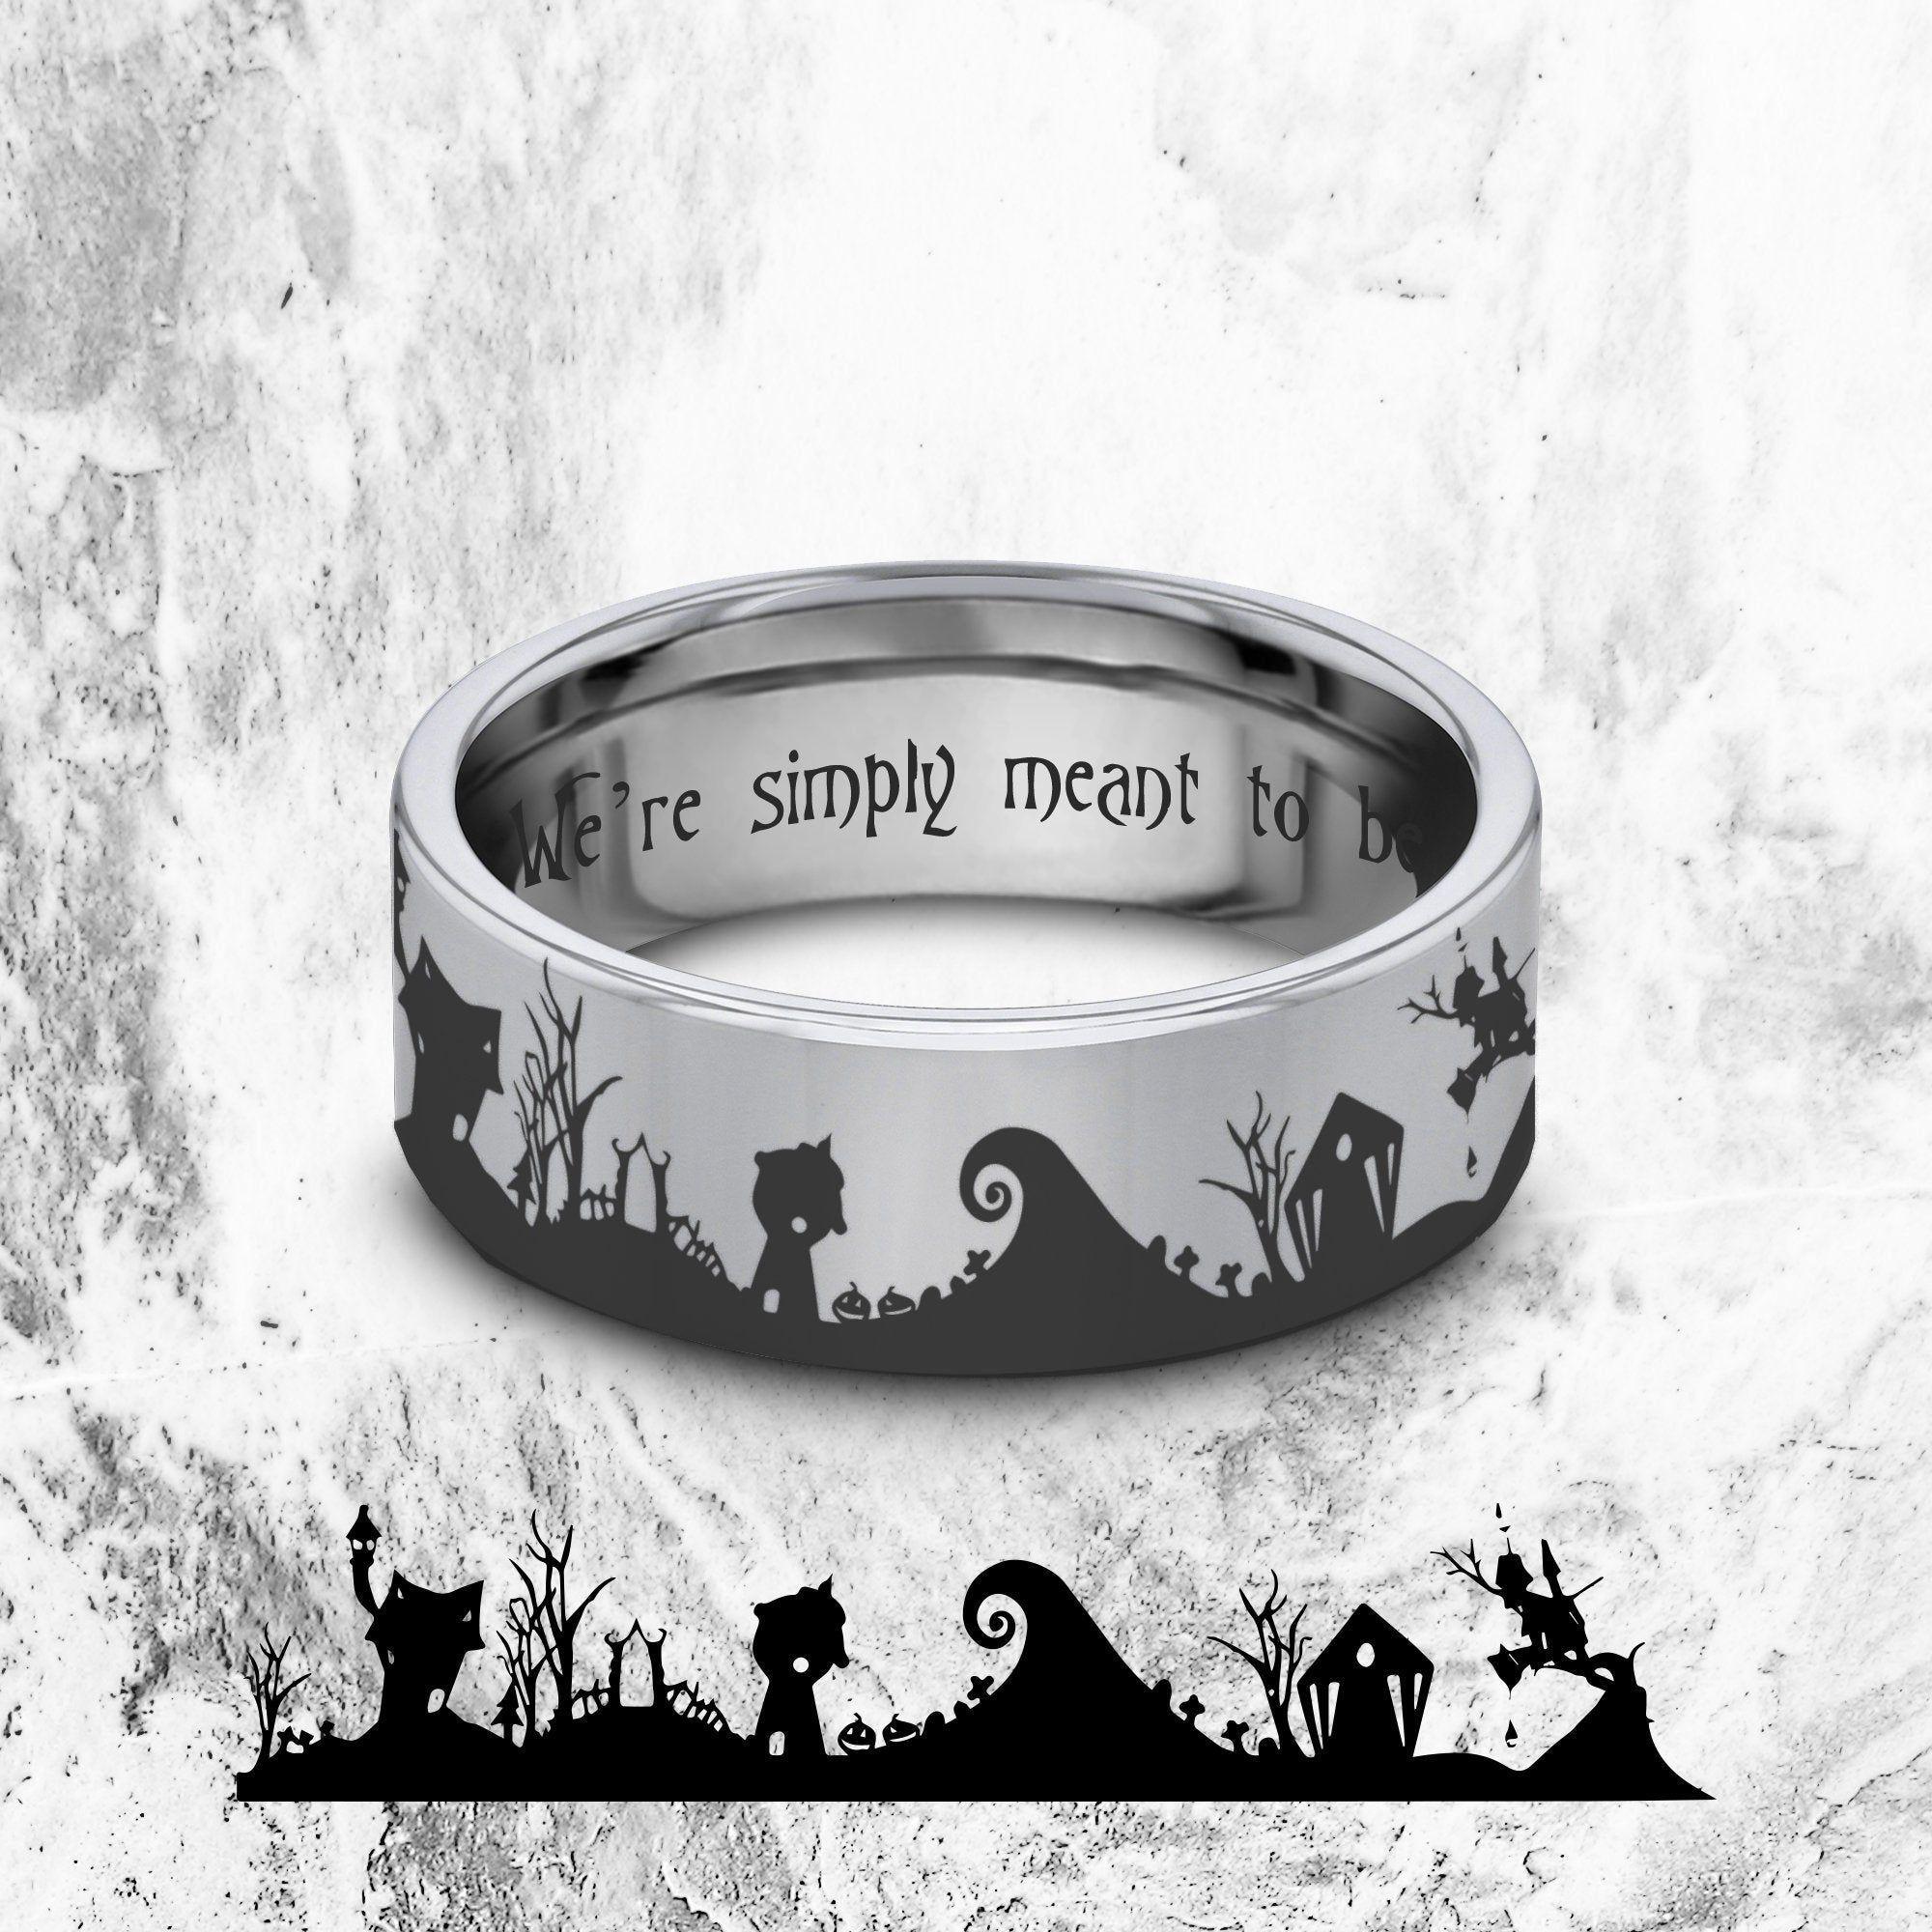 Nightmare Before Christmas Wedding Ring Jack Skellington Wedding Band Hallowee In 2020 Nightmare Before Christmas Wedding Christmas Wedding Ring Wedding Rings Online